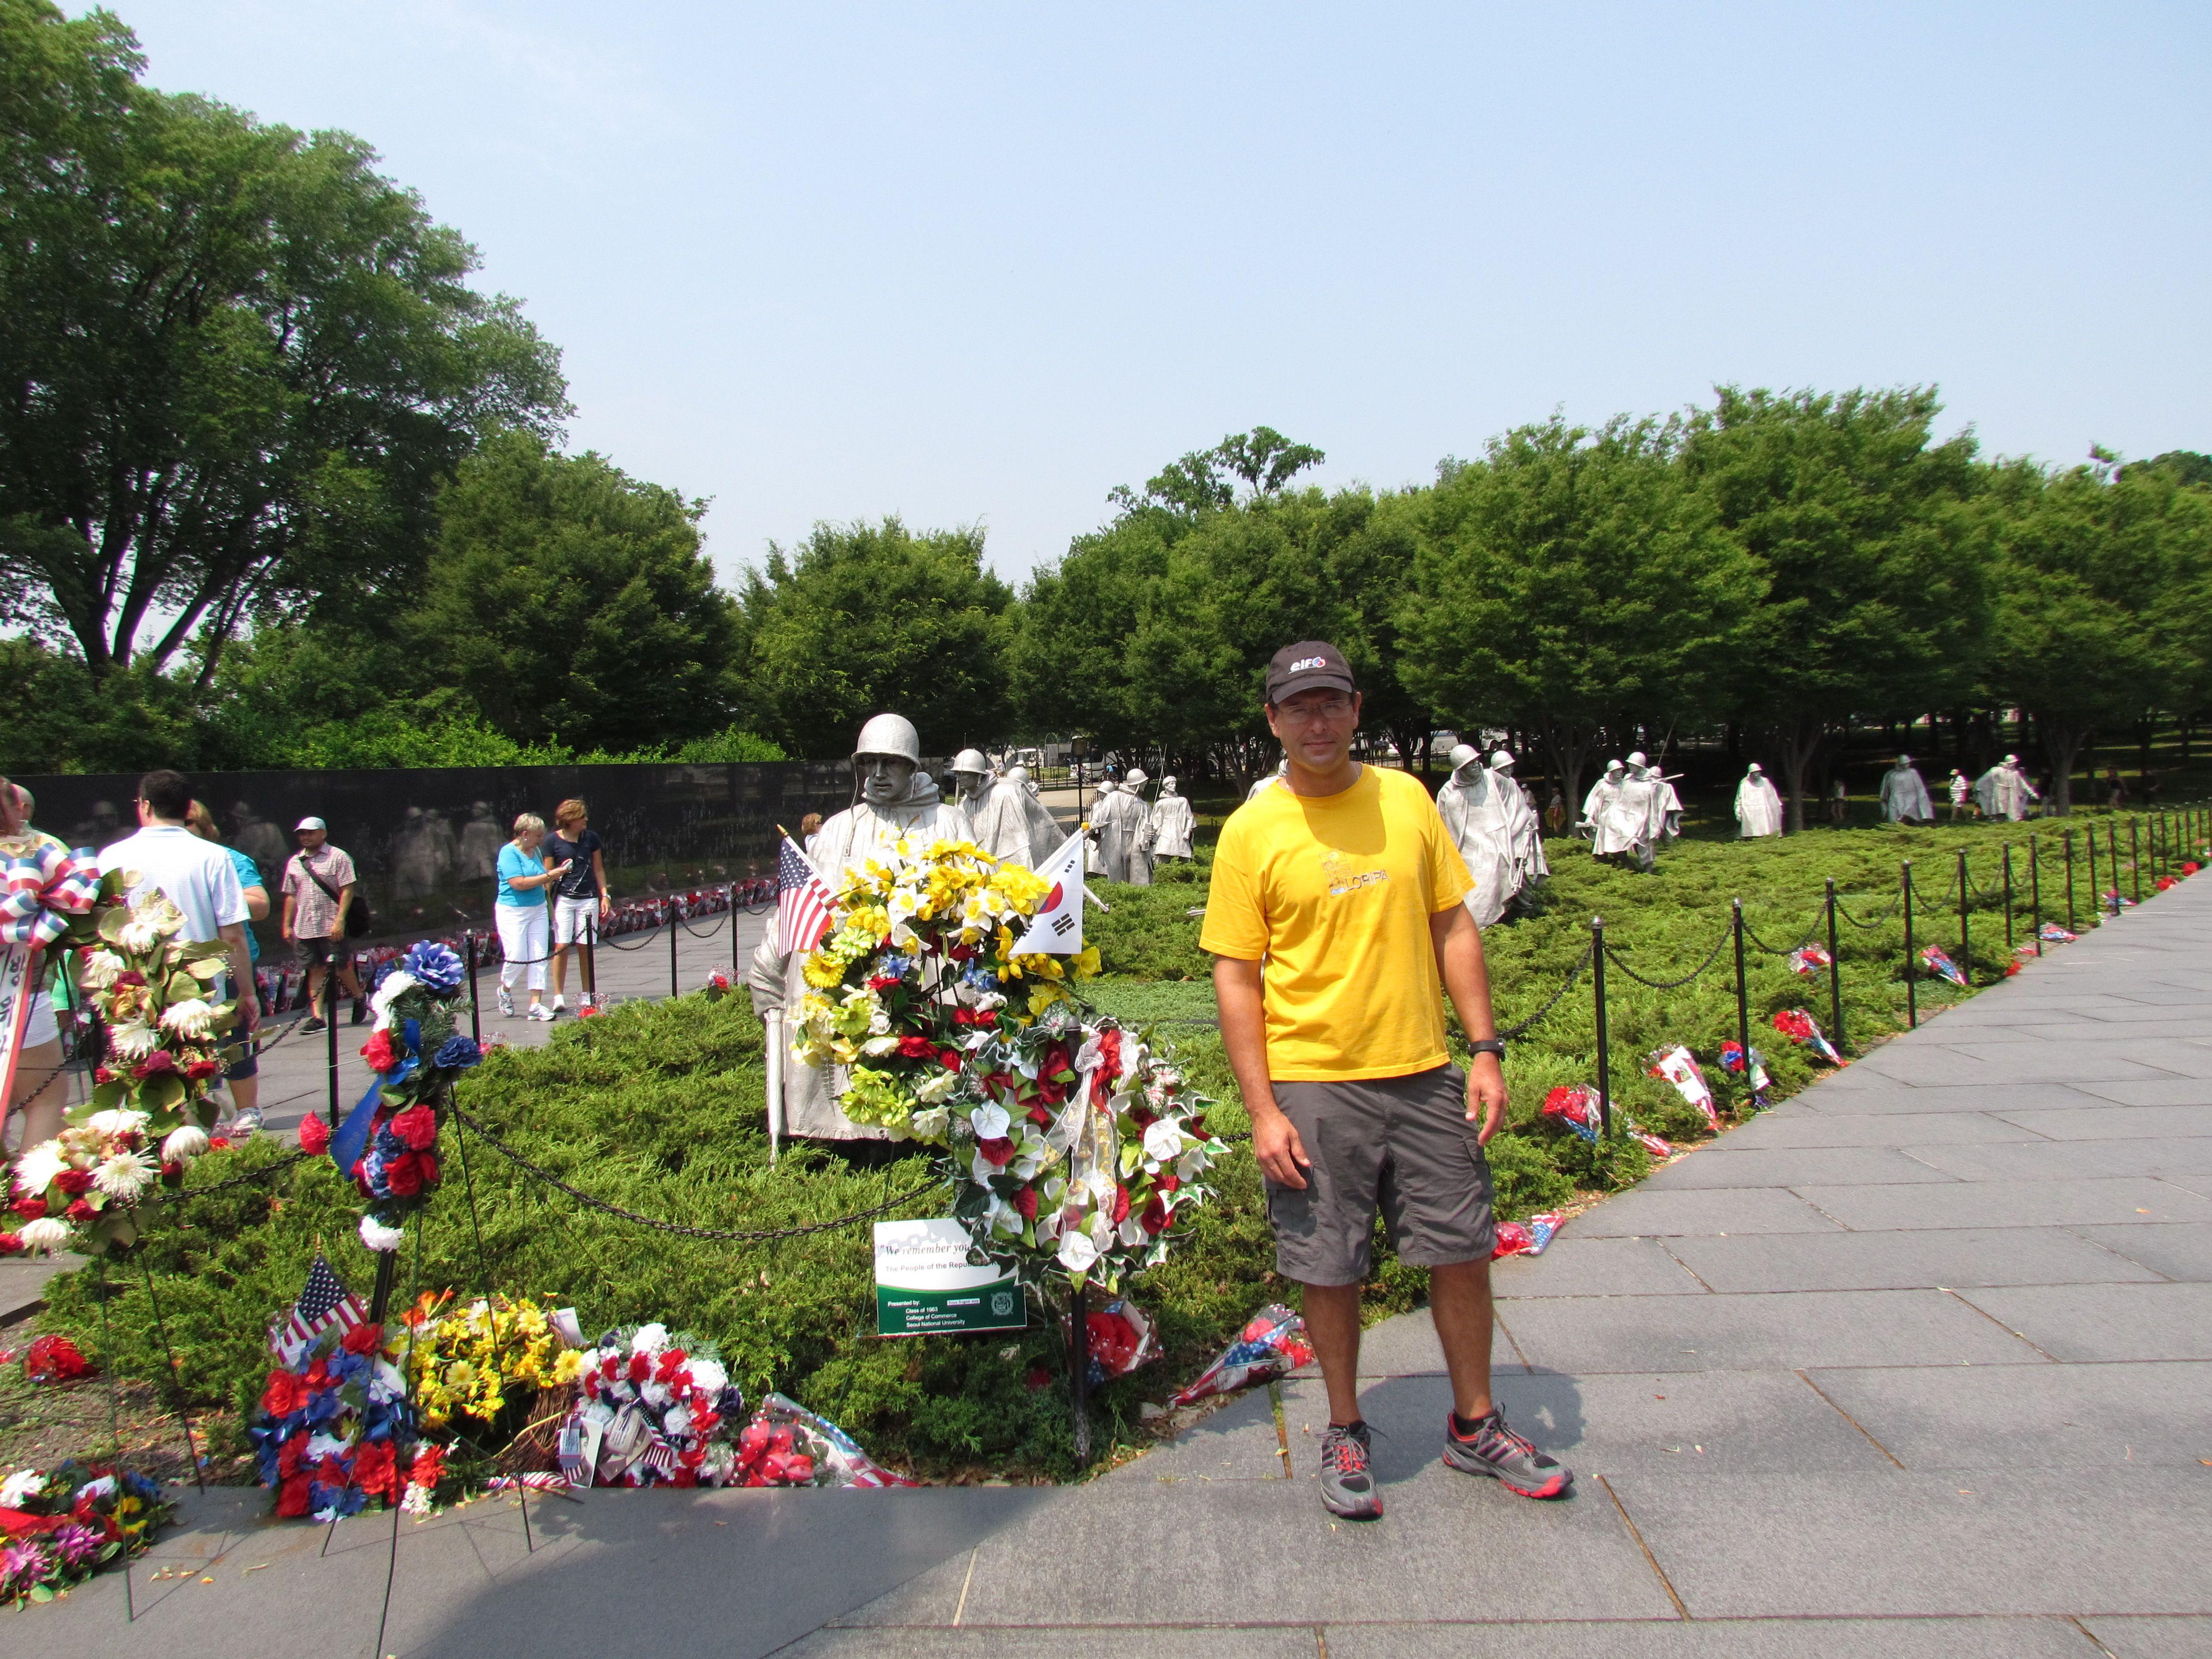 Monumento a los veteranos de la Guerra de Corea. El monumento tiene forma de triángulo interseccionando con un círculo. Dentro del triángulo hay 19 estatuas de acero inoxidable diseñadas por Frank Gaylord, en un tamaño mayor que el tamaño real (entre 2,20 metros y 2,28 metros) que representan un escuadrón de patrulla.